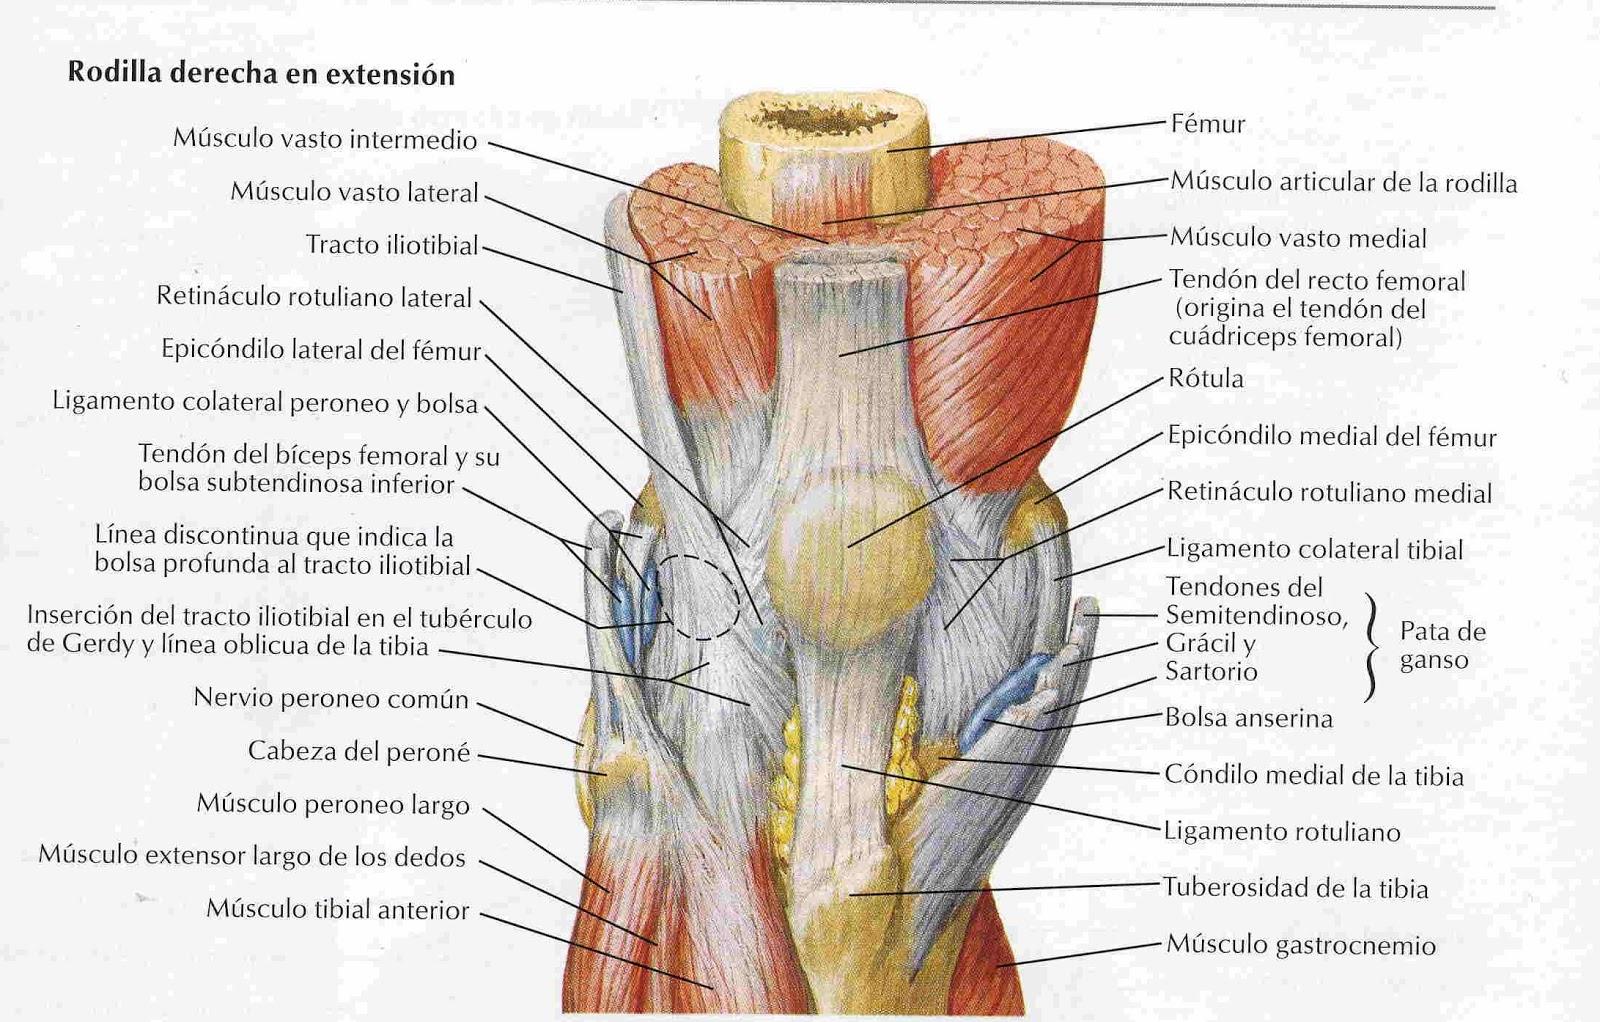 Elementos de Anatomía y Fisiología Humana: diciembre 2012